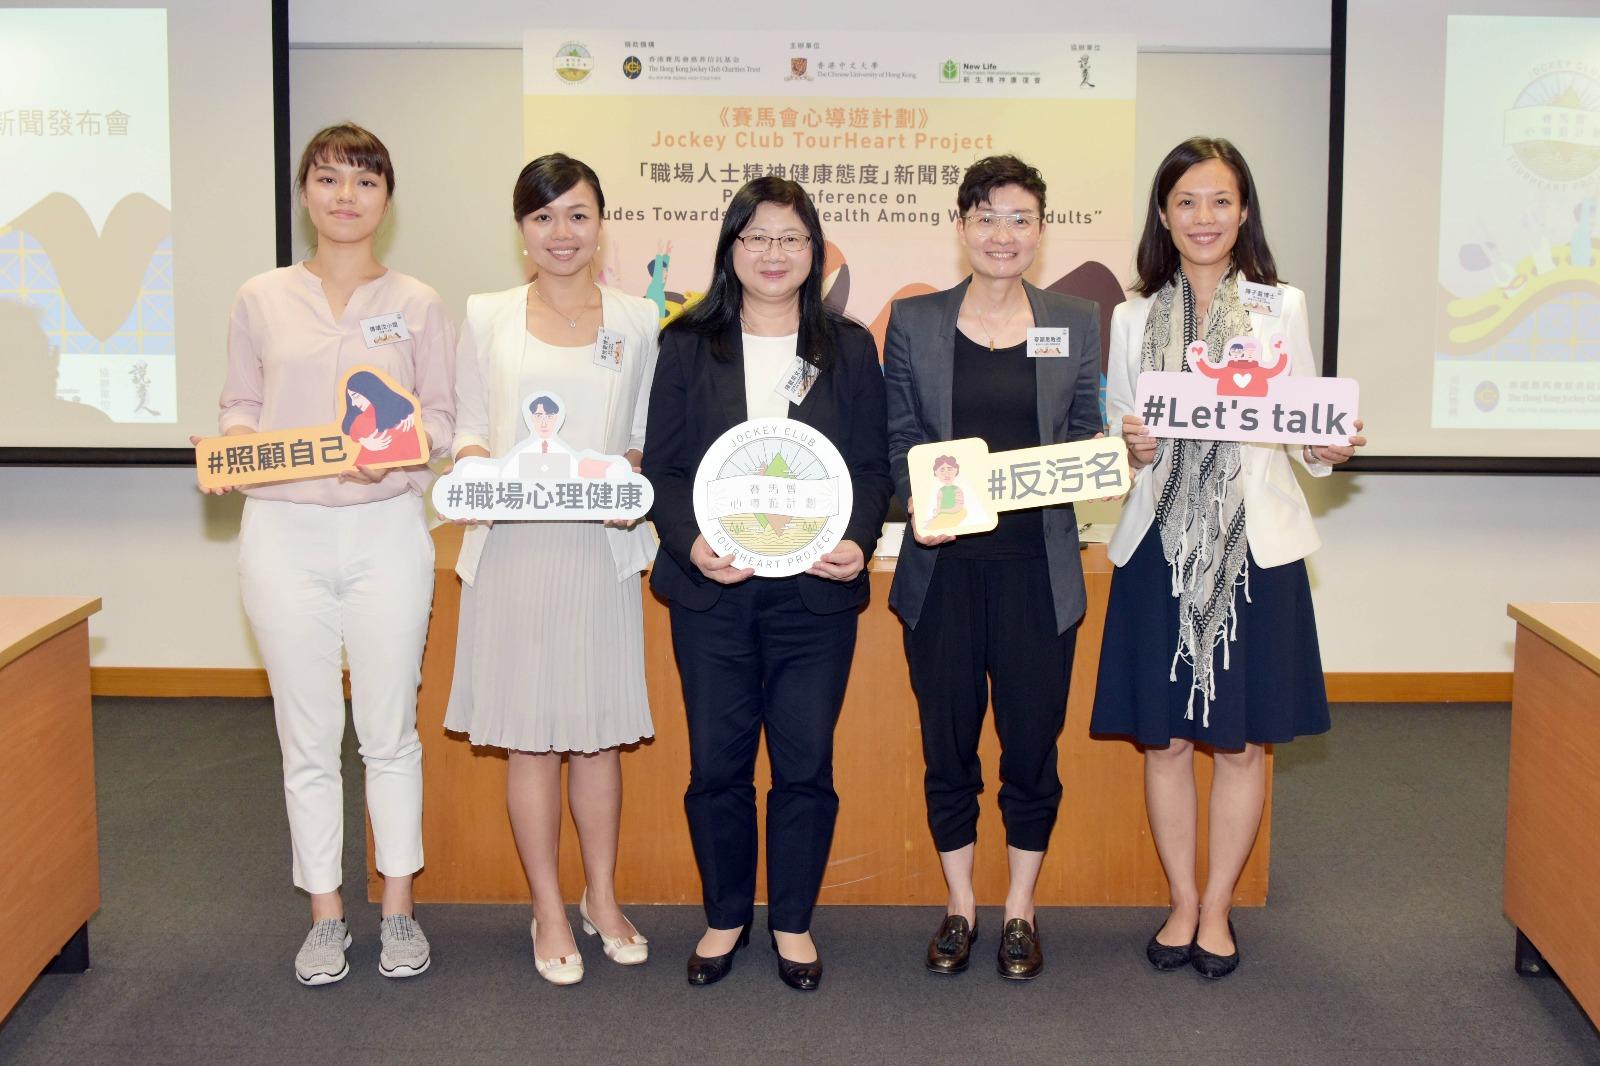 (左起) 傅靖汶小姐 (説書人)、凌悅雯博士 (新生精神康復會) 、陳載英女士 (香港賽馬會)、麥穎思教授 (中大)及陳子盈博士 (中大)向在職人士推廣精神健康及消除歧視。